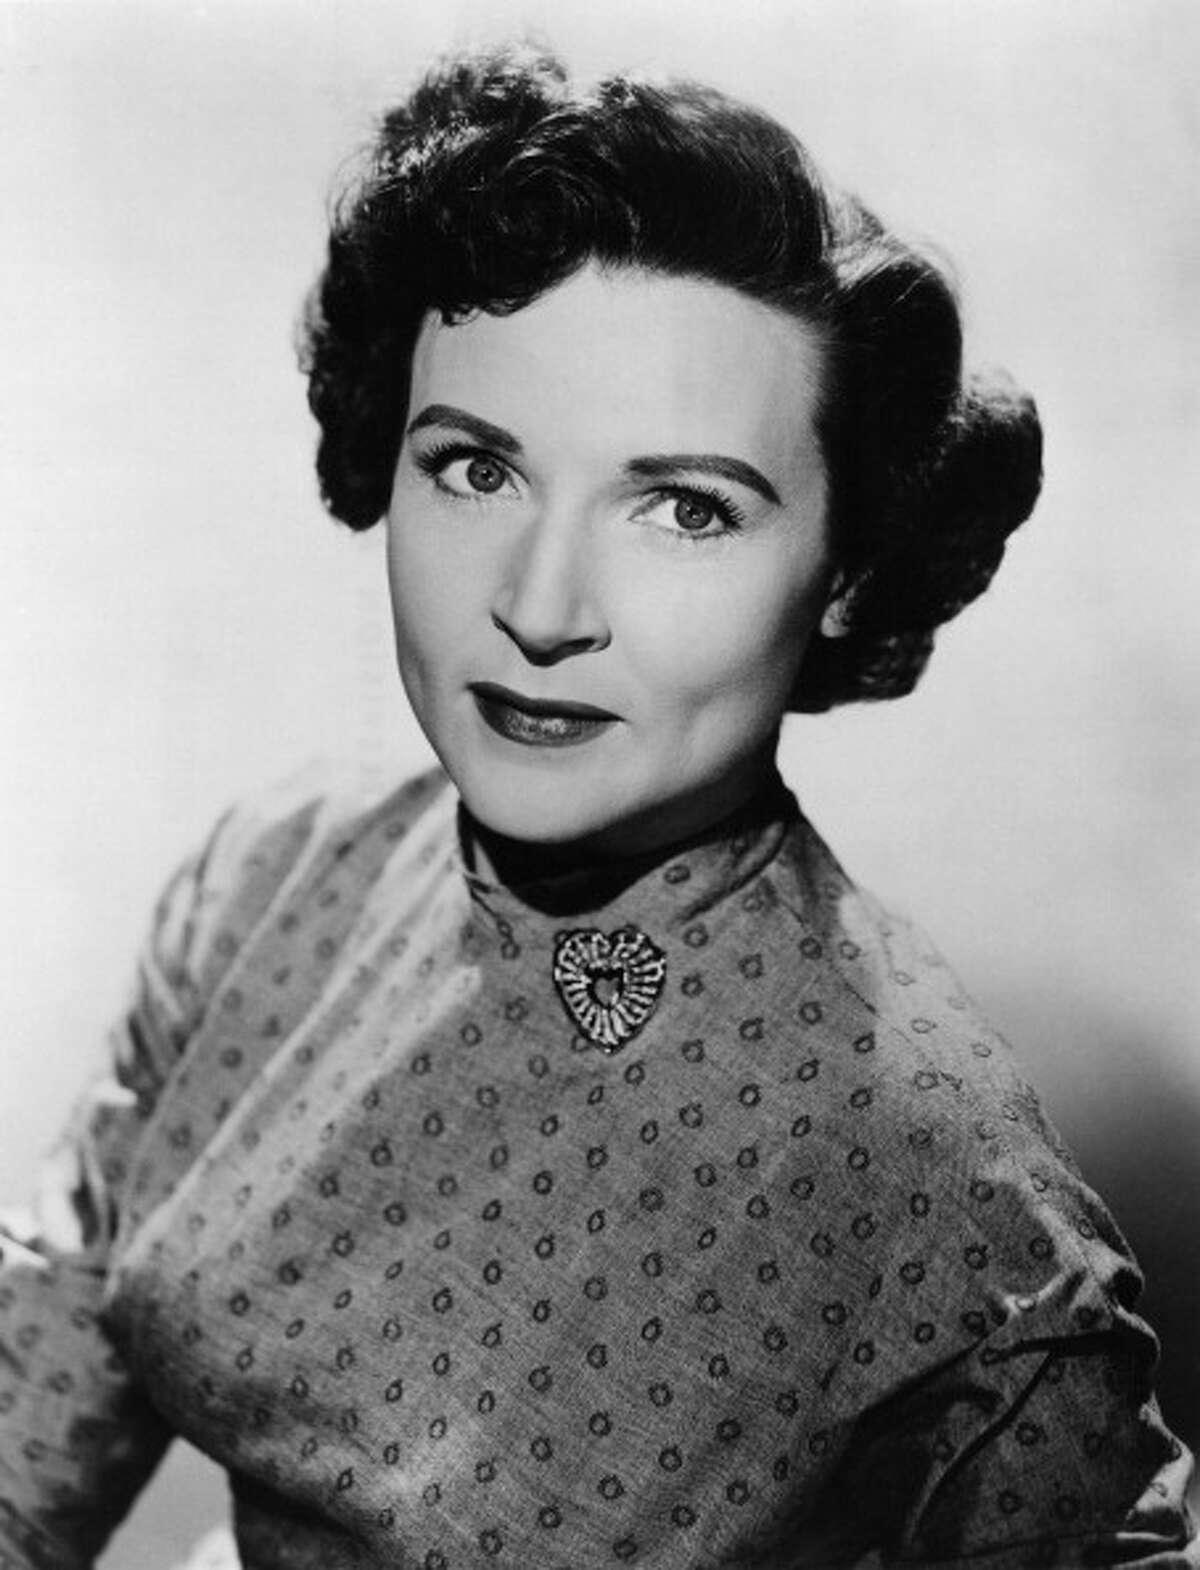 Betty White turns 94